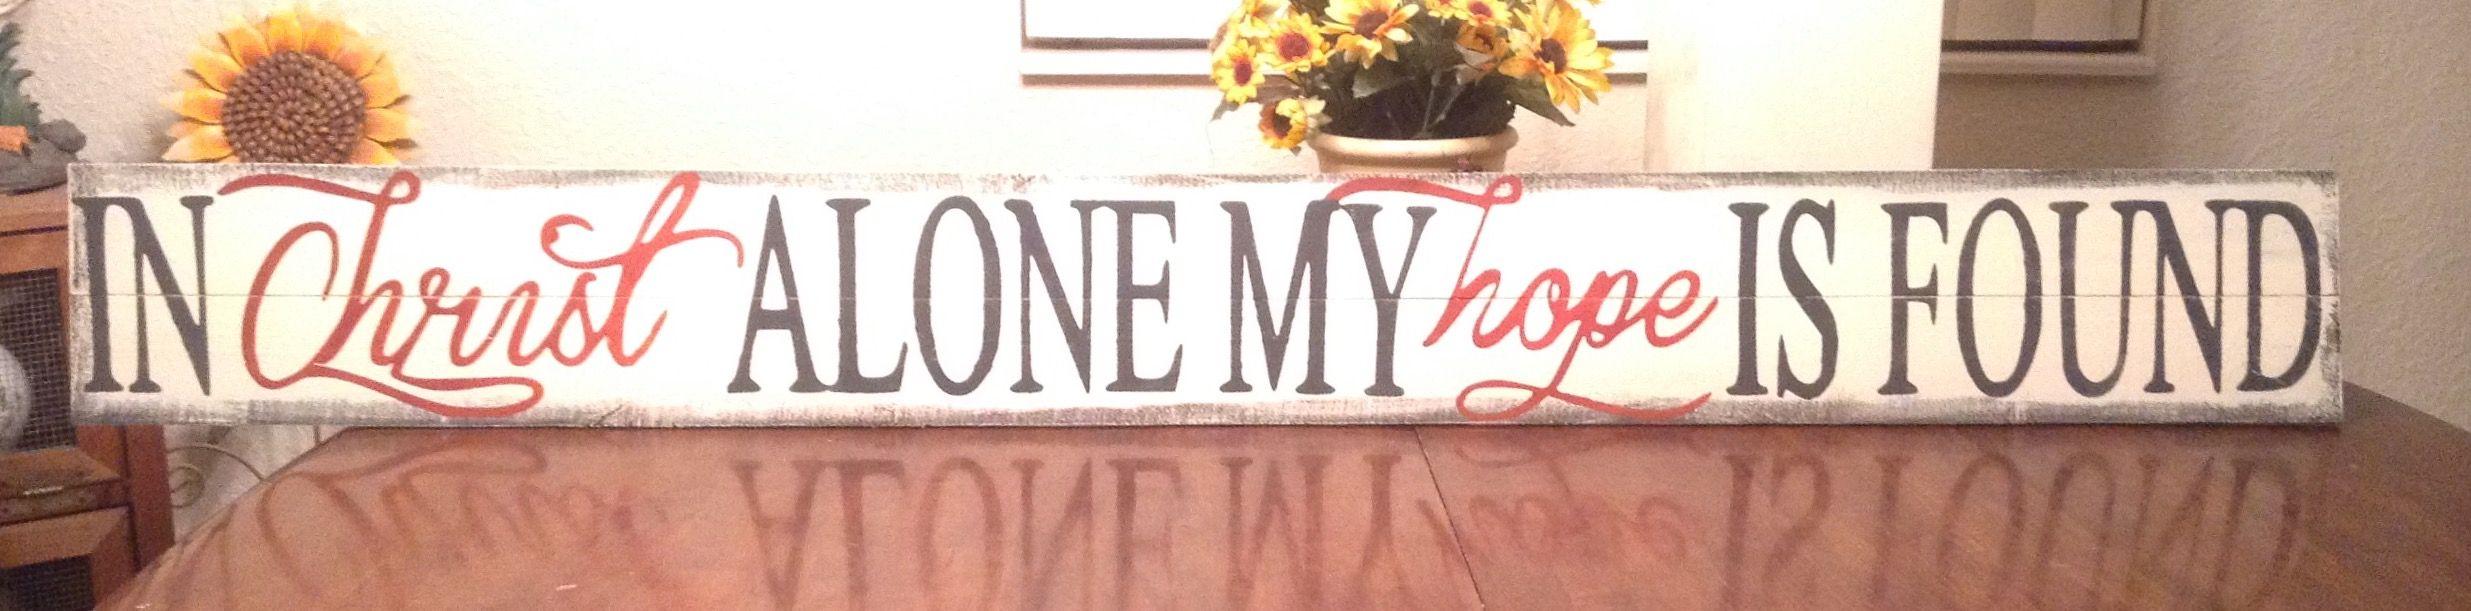 Inspiration custom pallet signs by Jennifer